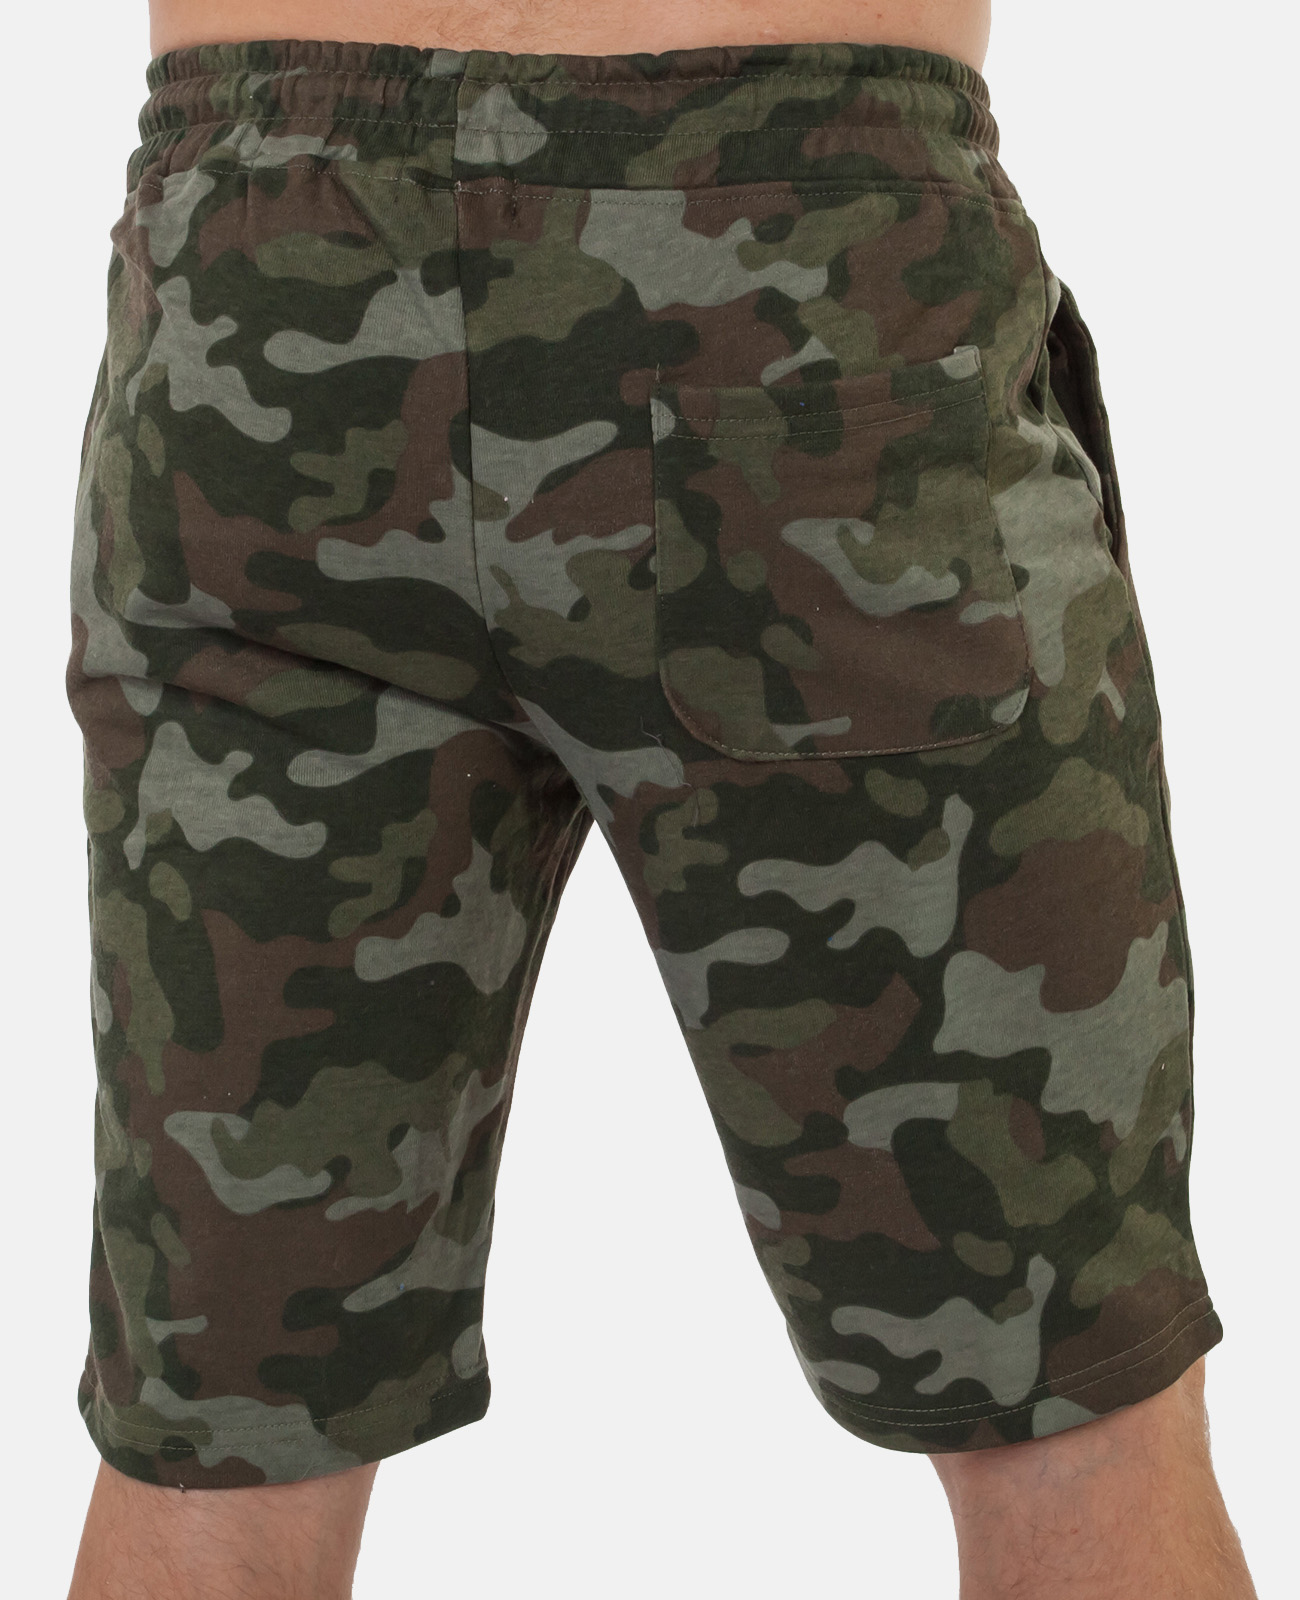 Армейские особенные шорты с карманами и нашивкой Росгвардия - заказать онлайн